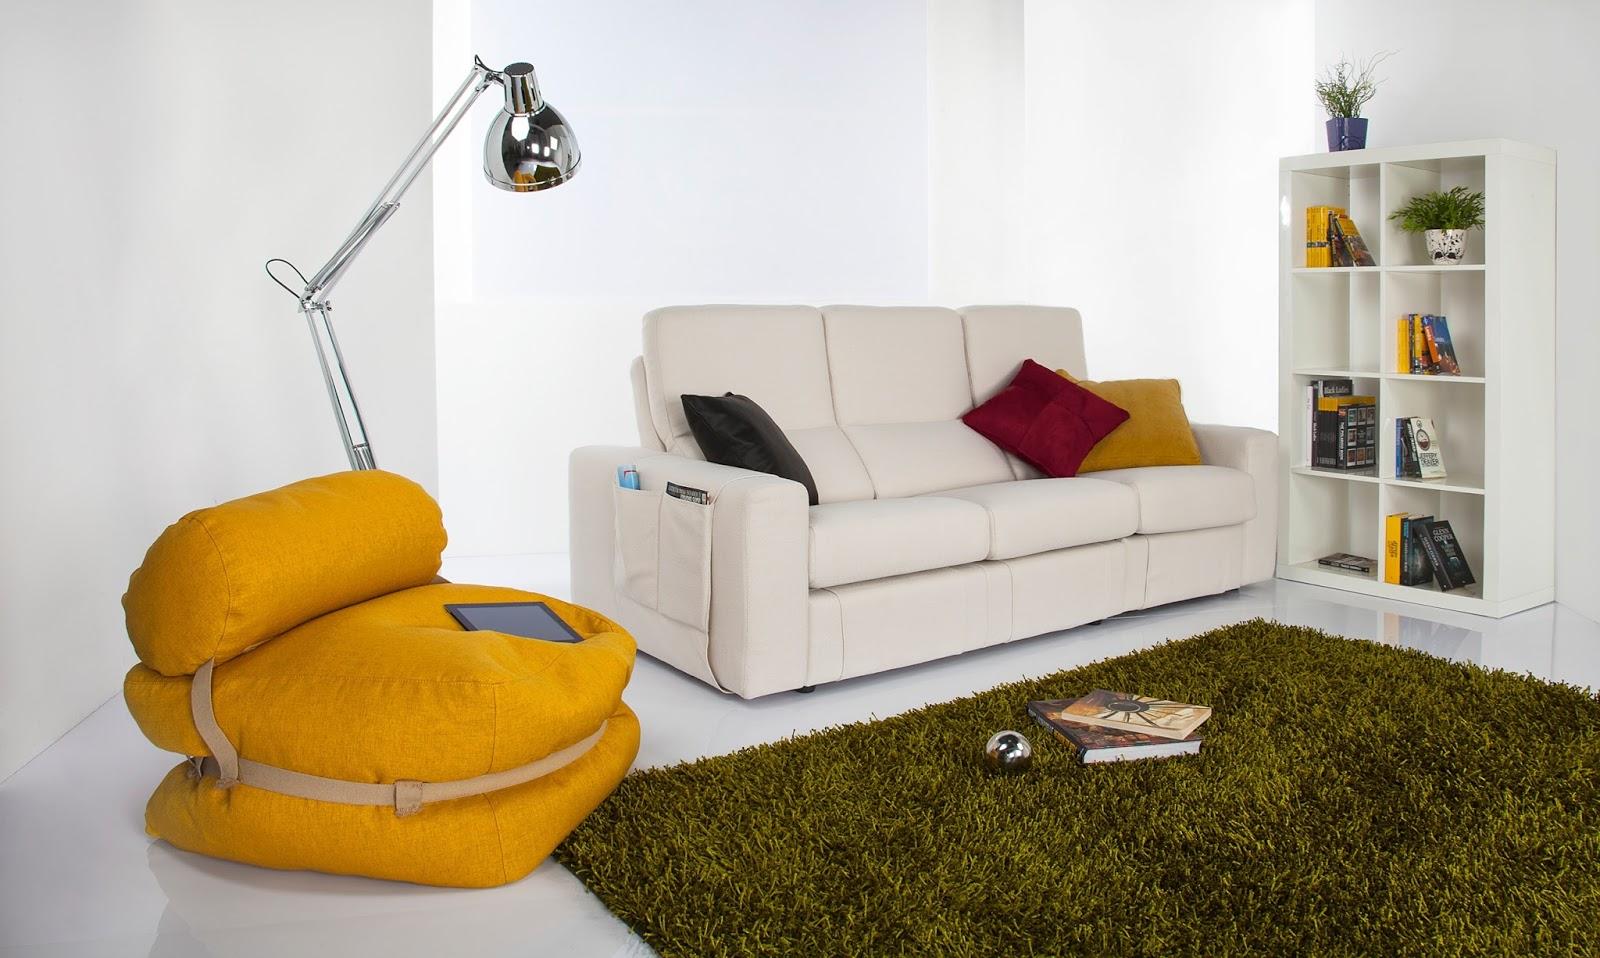 Divani blog tino mariani divani relax su misura for Divani relax